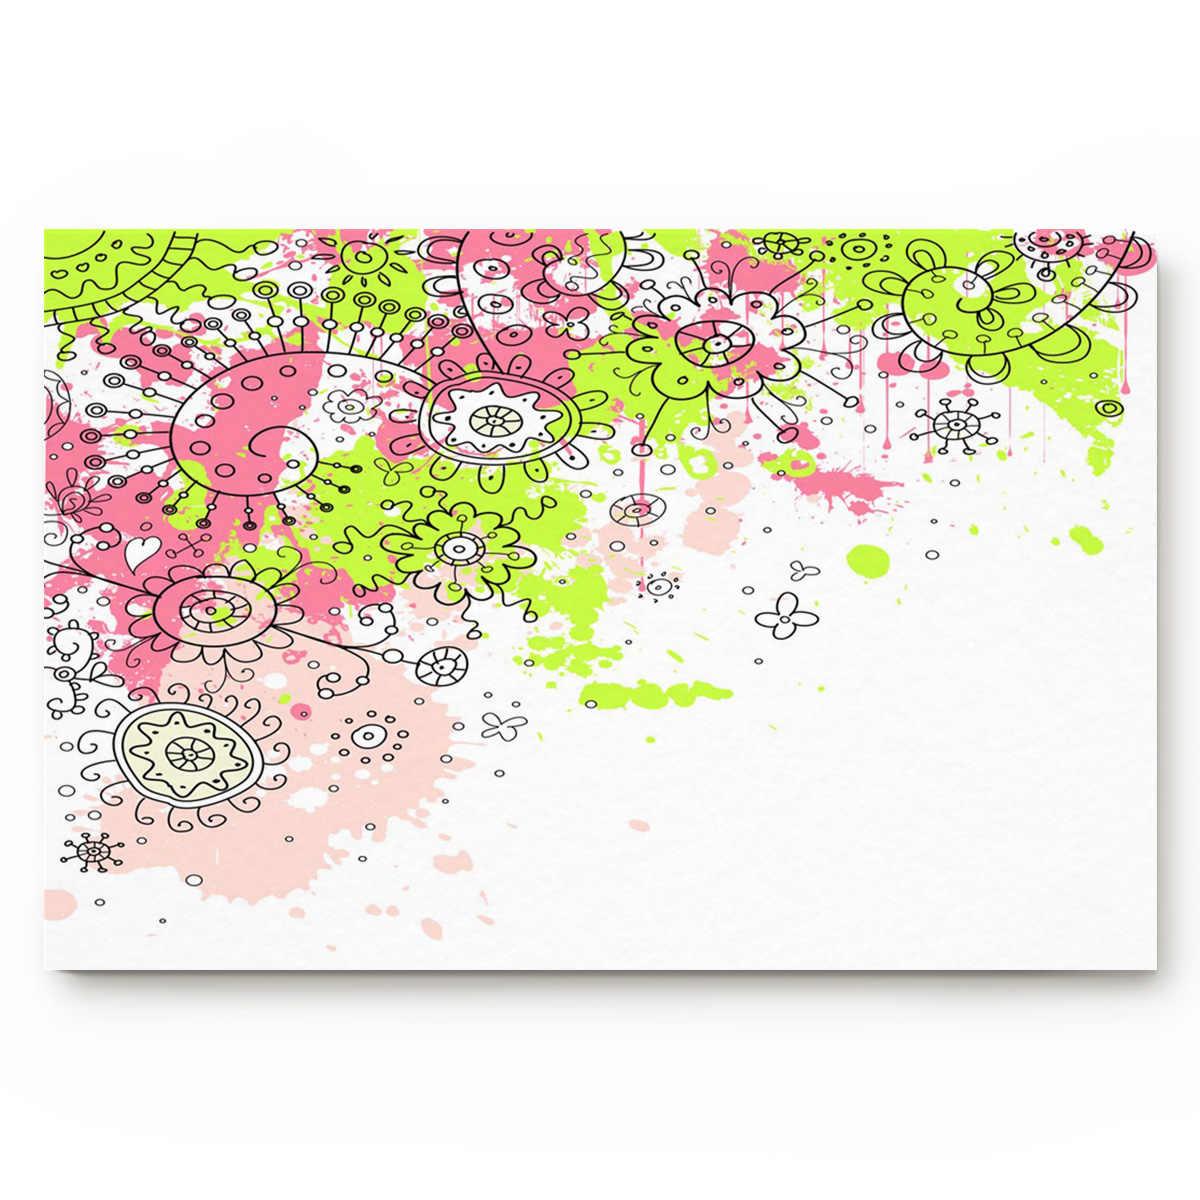 زهرة زهرة اللون الغنية جميلة بيجو حسن المظهر الأخضر الأحمر الإبداعية تصميم نمط حمام داخلي ديكور مماسح